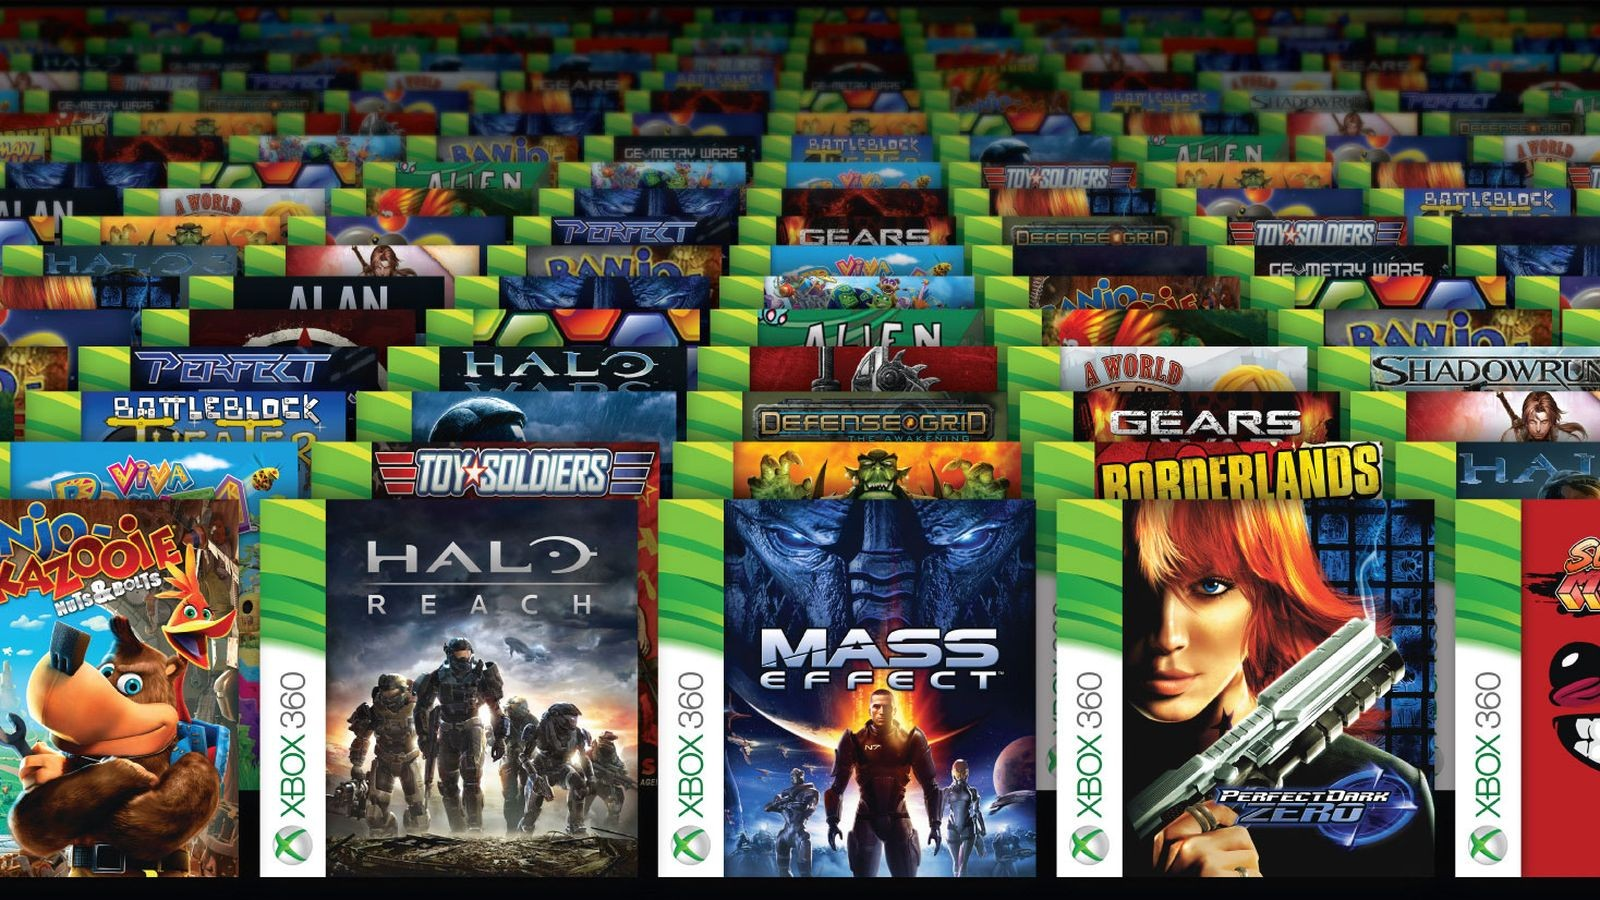 Xbox 360 cumple 15 años y Microsoft sigue dándole soporte